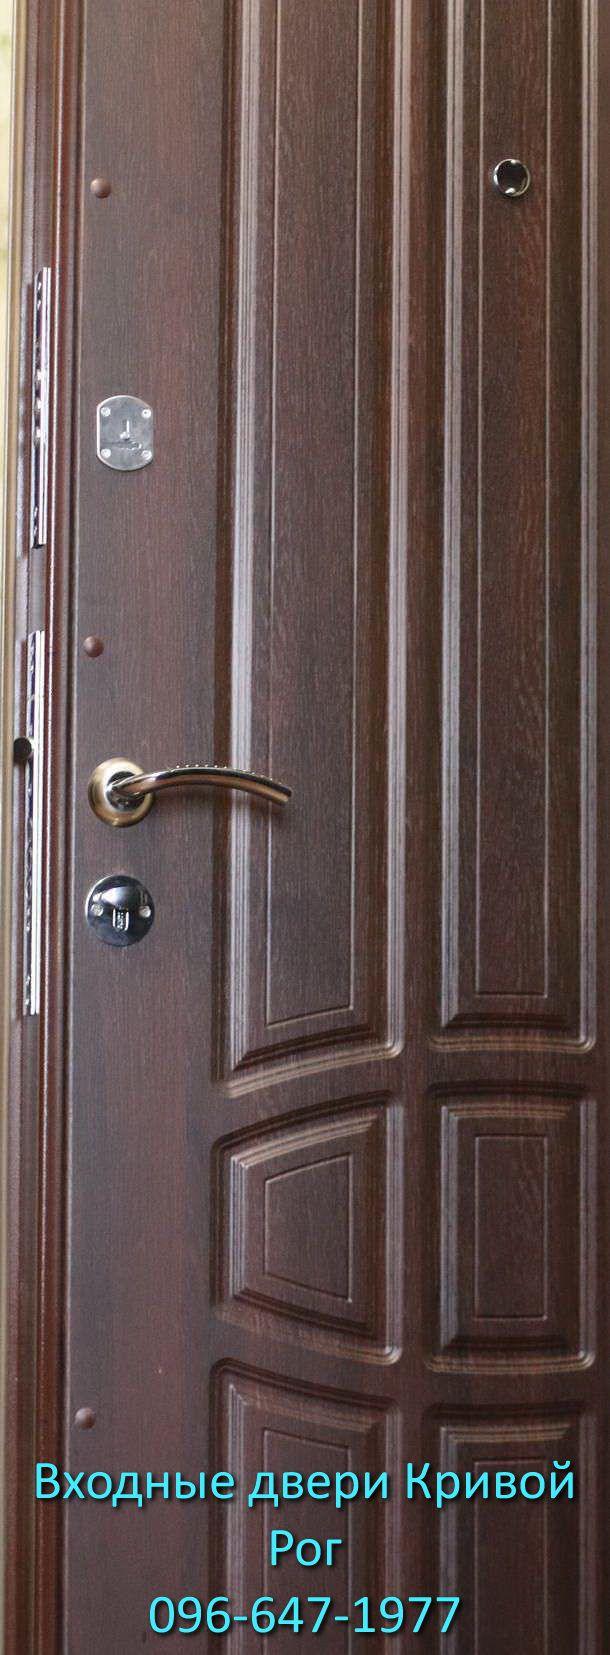 Купить входную дверь в Кривом Роге